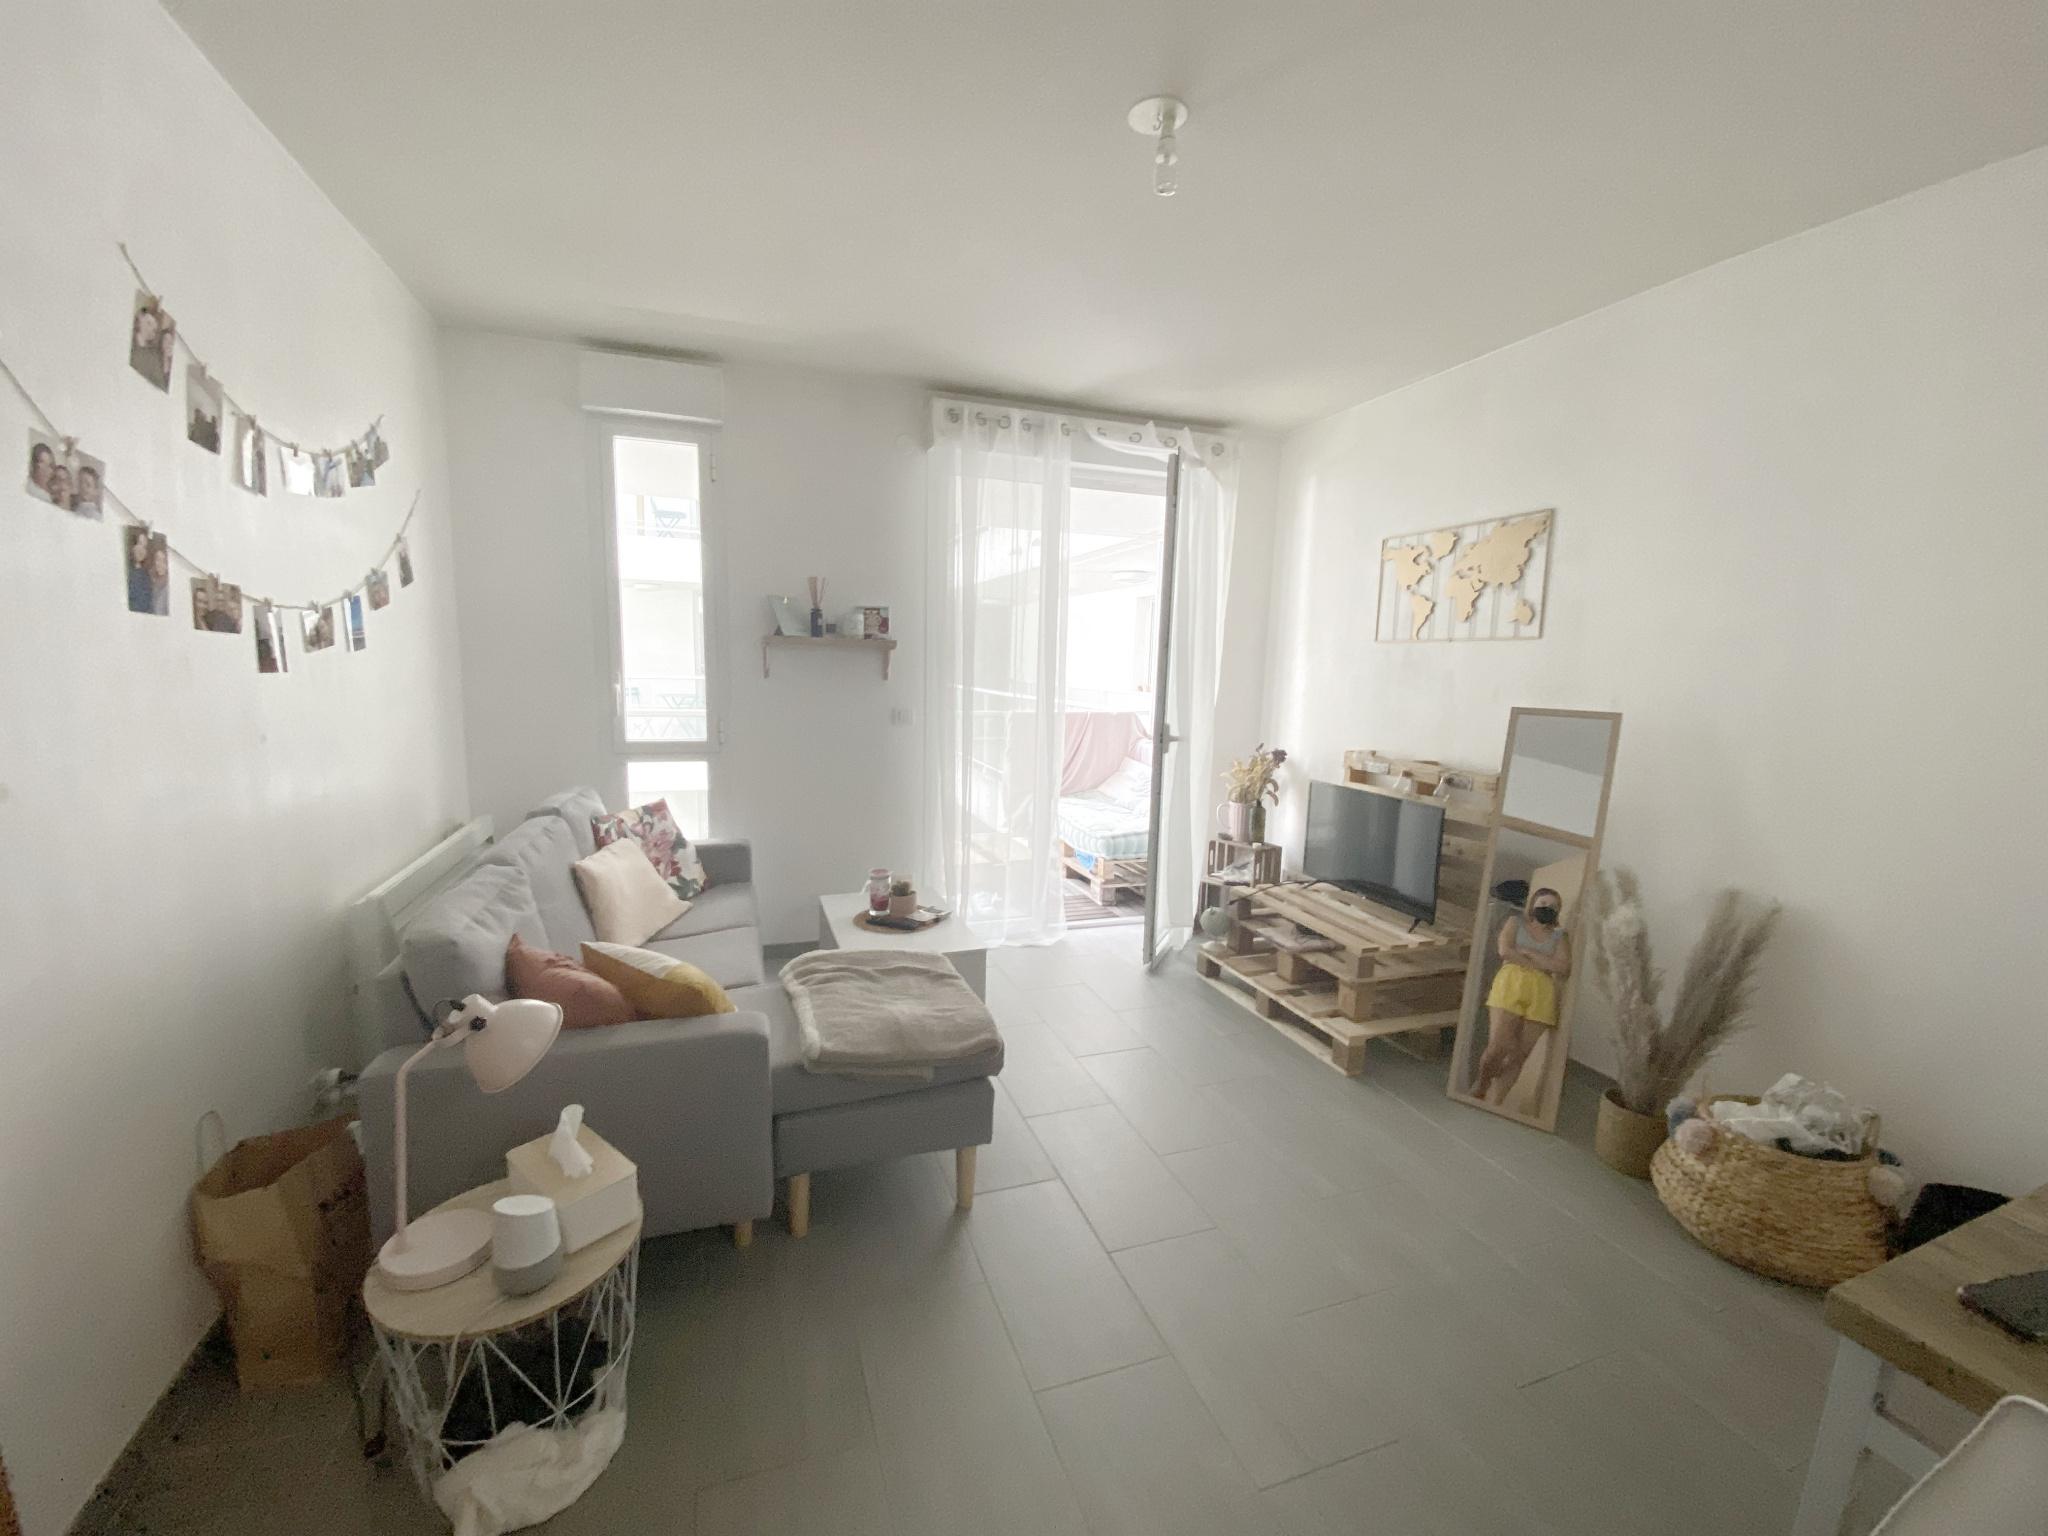 appartement la rochelle SECTEUR HOPITAL - PROCHE VIEUX PORT